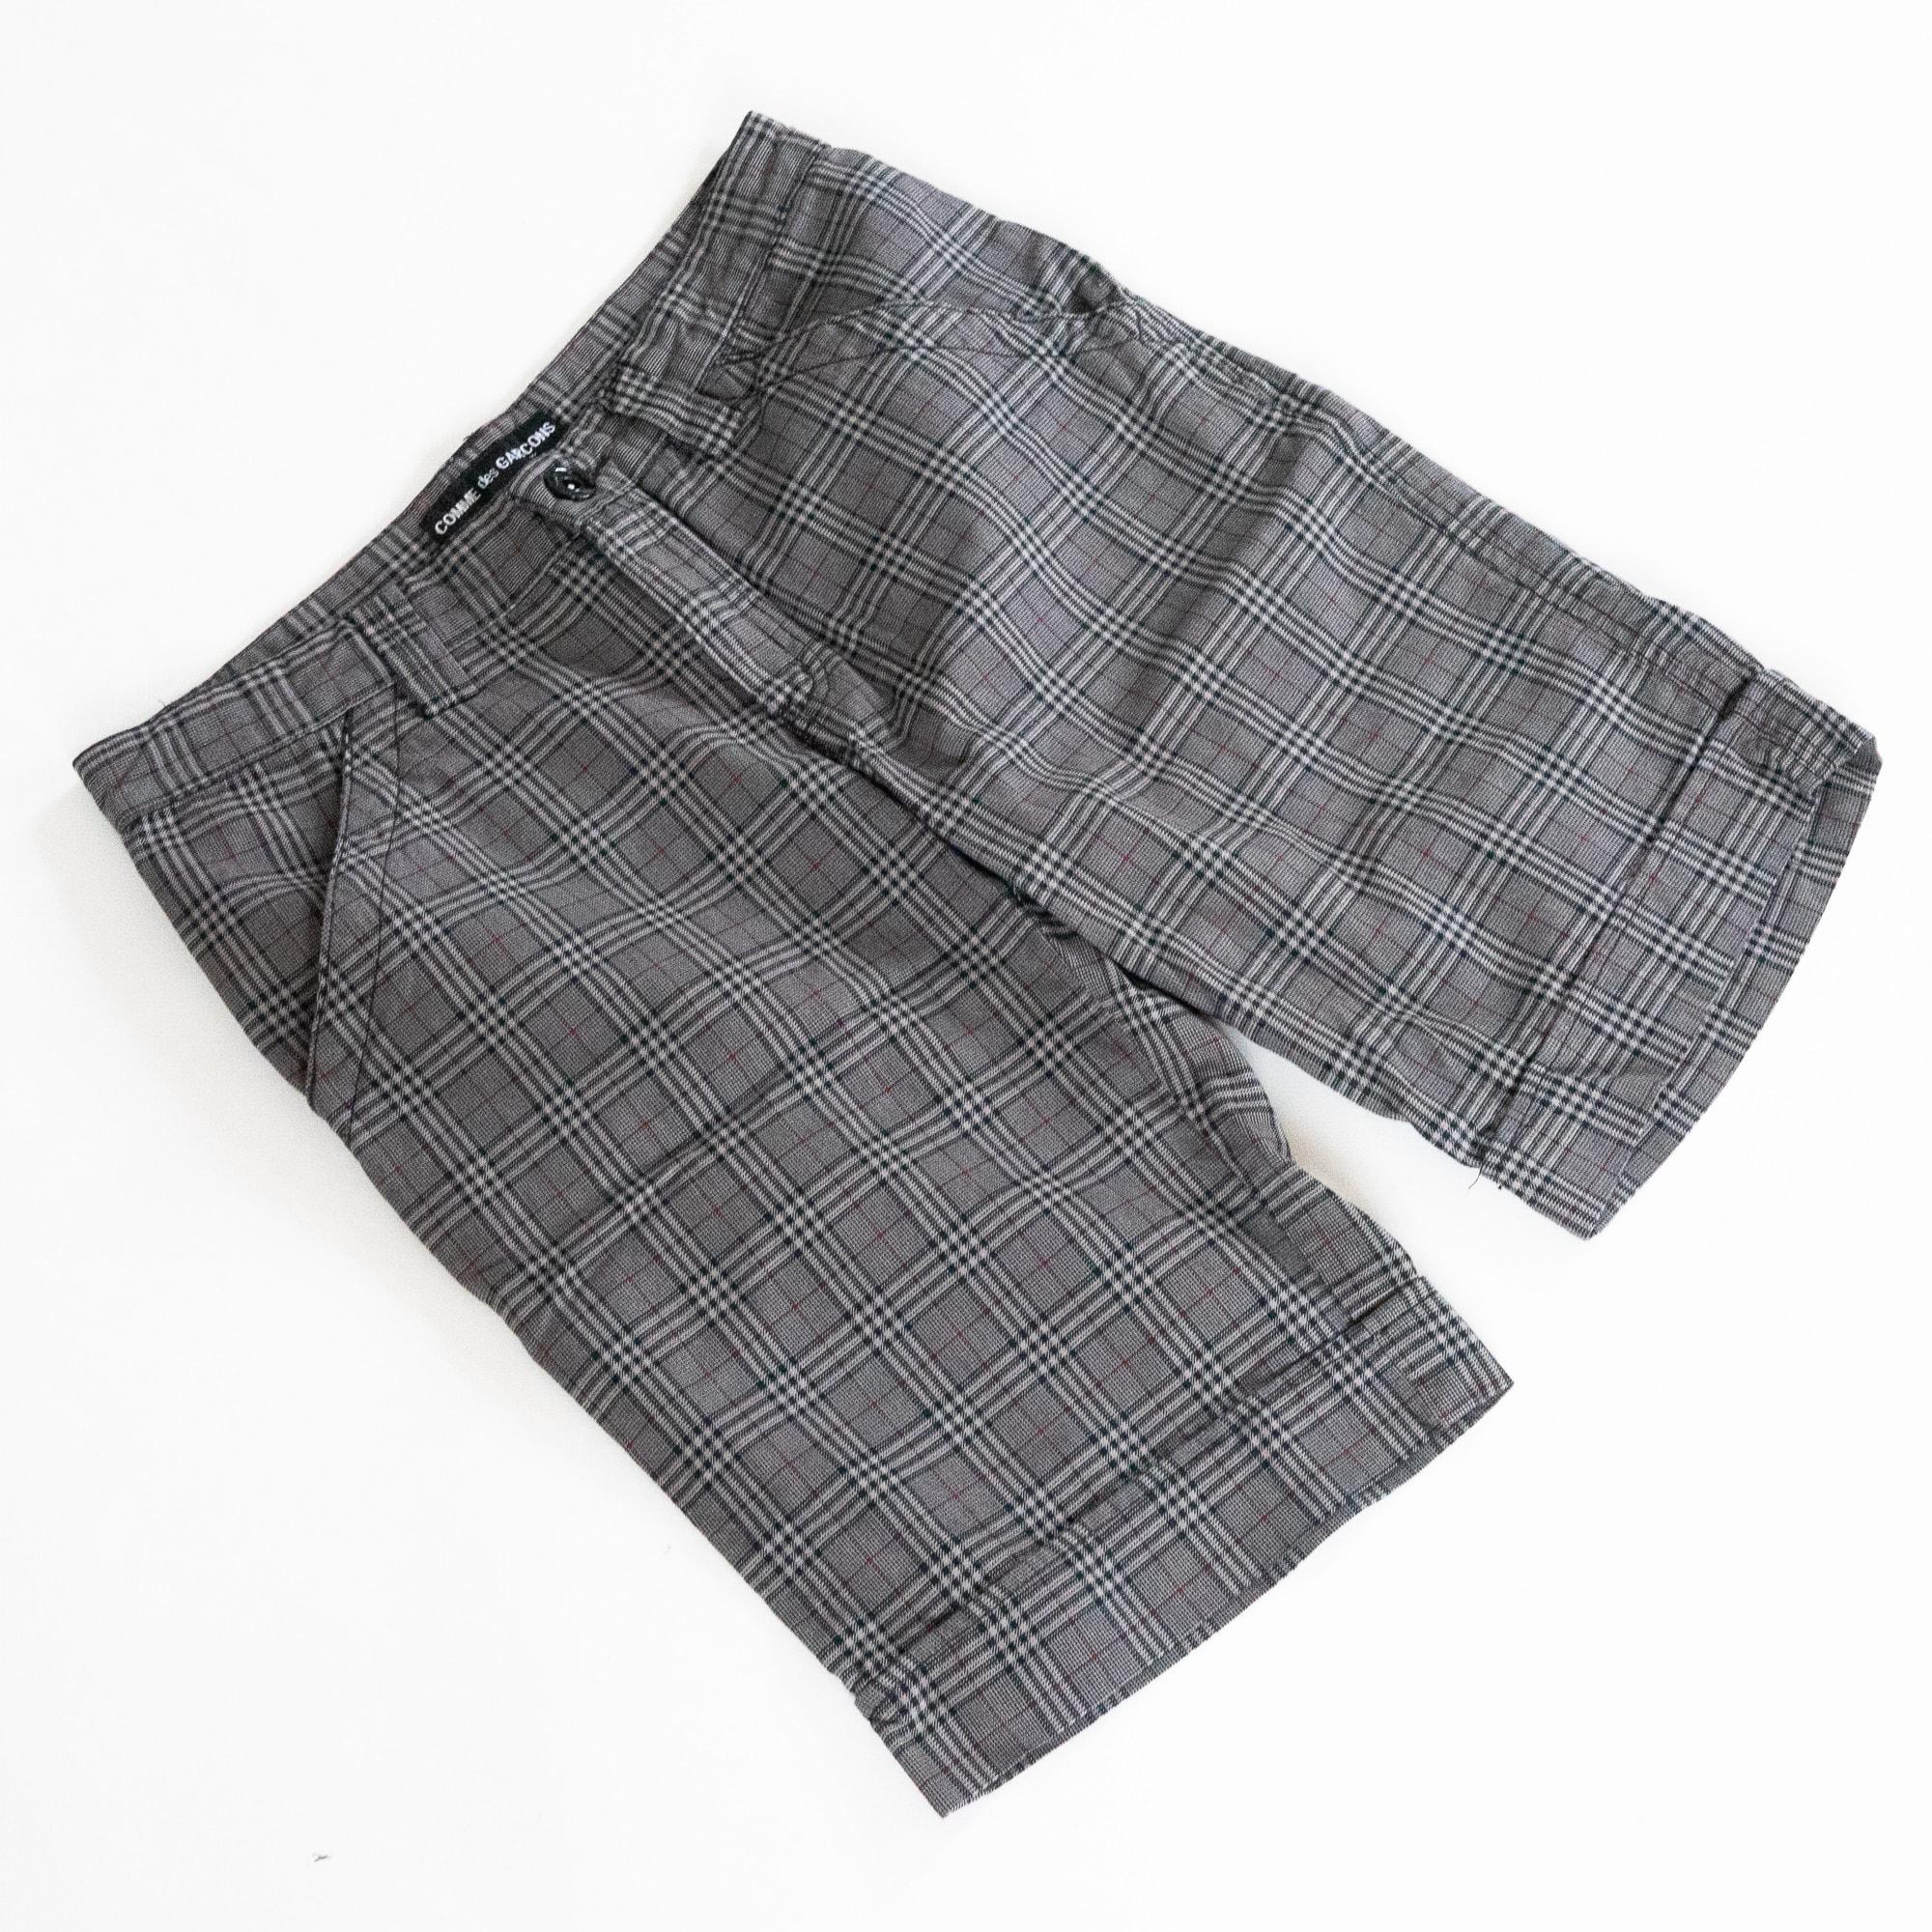 gebraucht kaufen Comme des Garcons Shorts